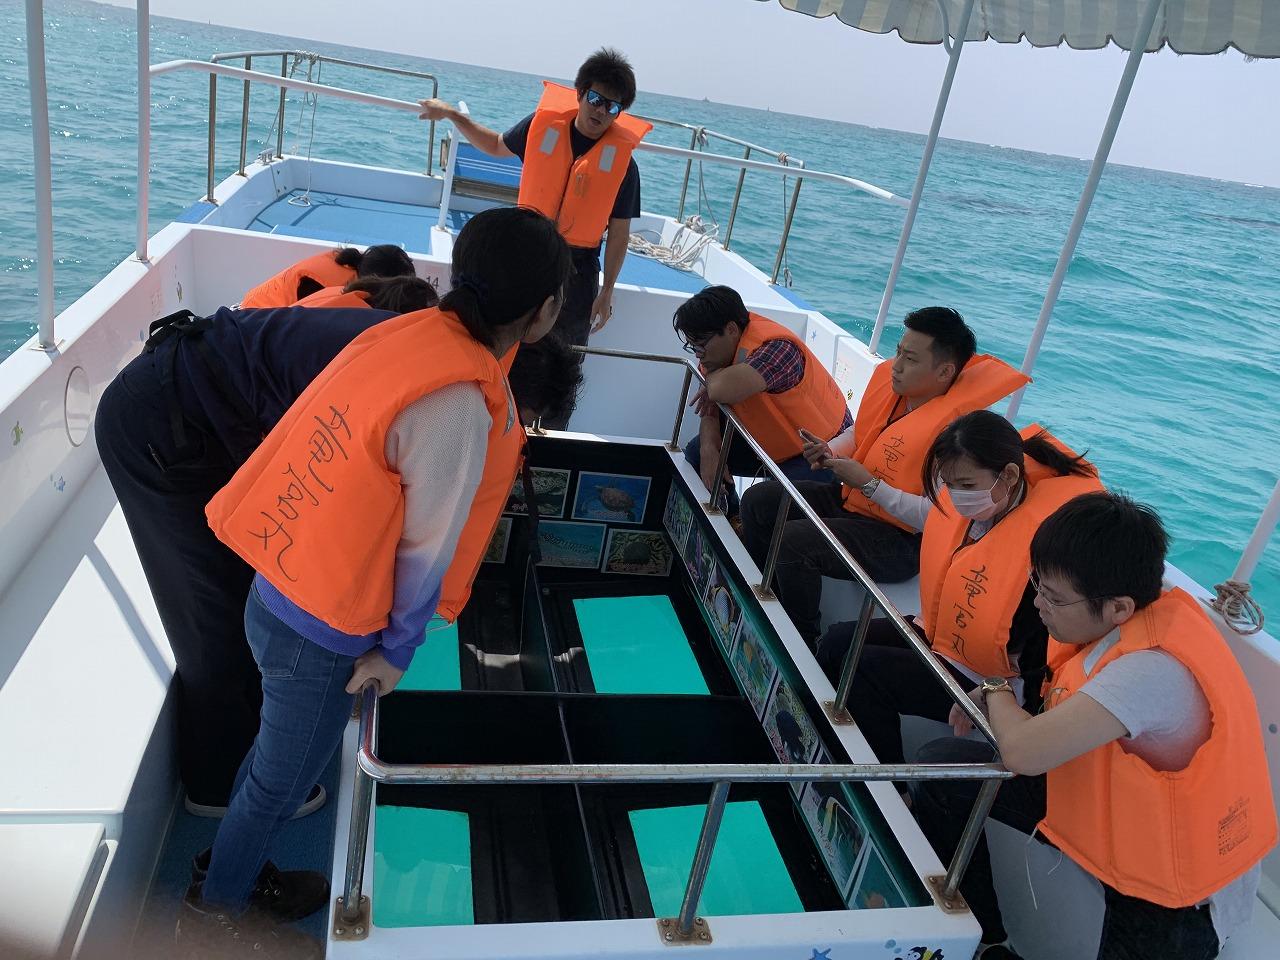 【冬季メニュー】魚のエサ付き!グラスボートで糸満のサンゴを見に行こう!グラスボート